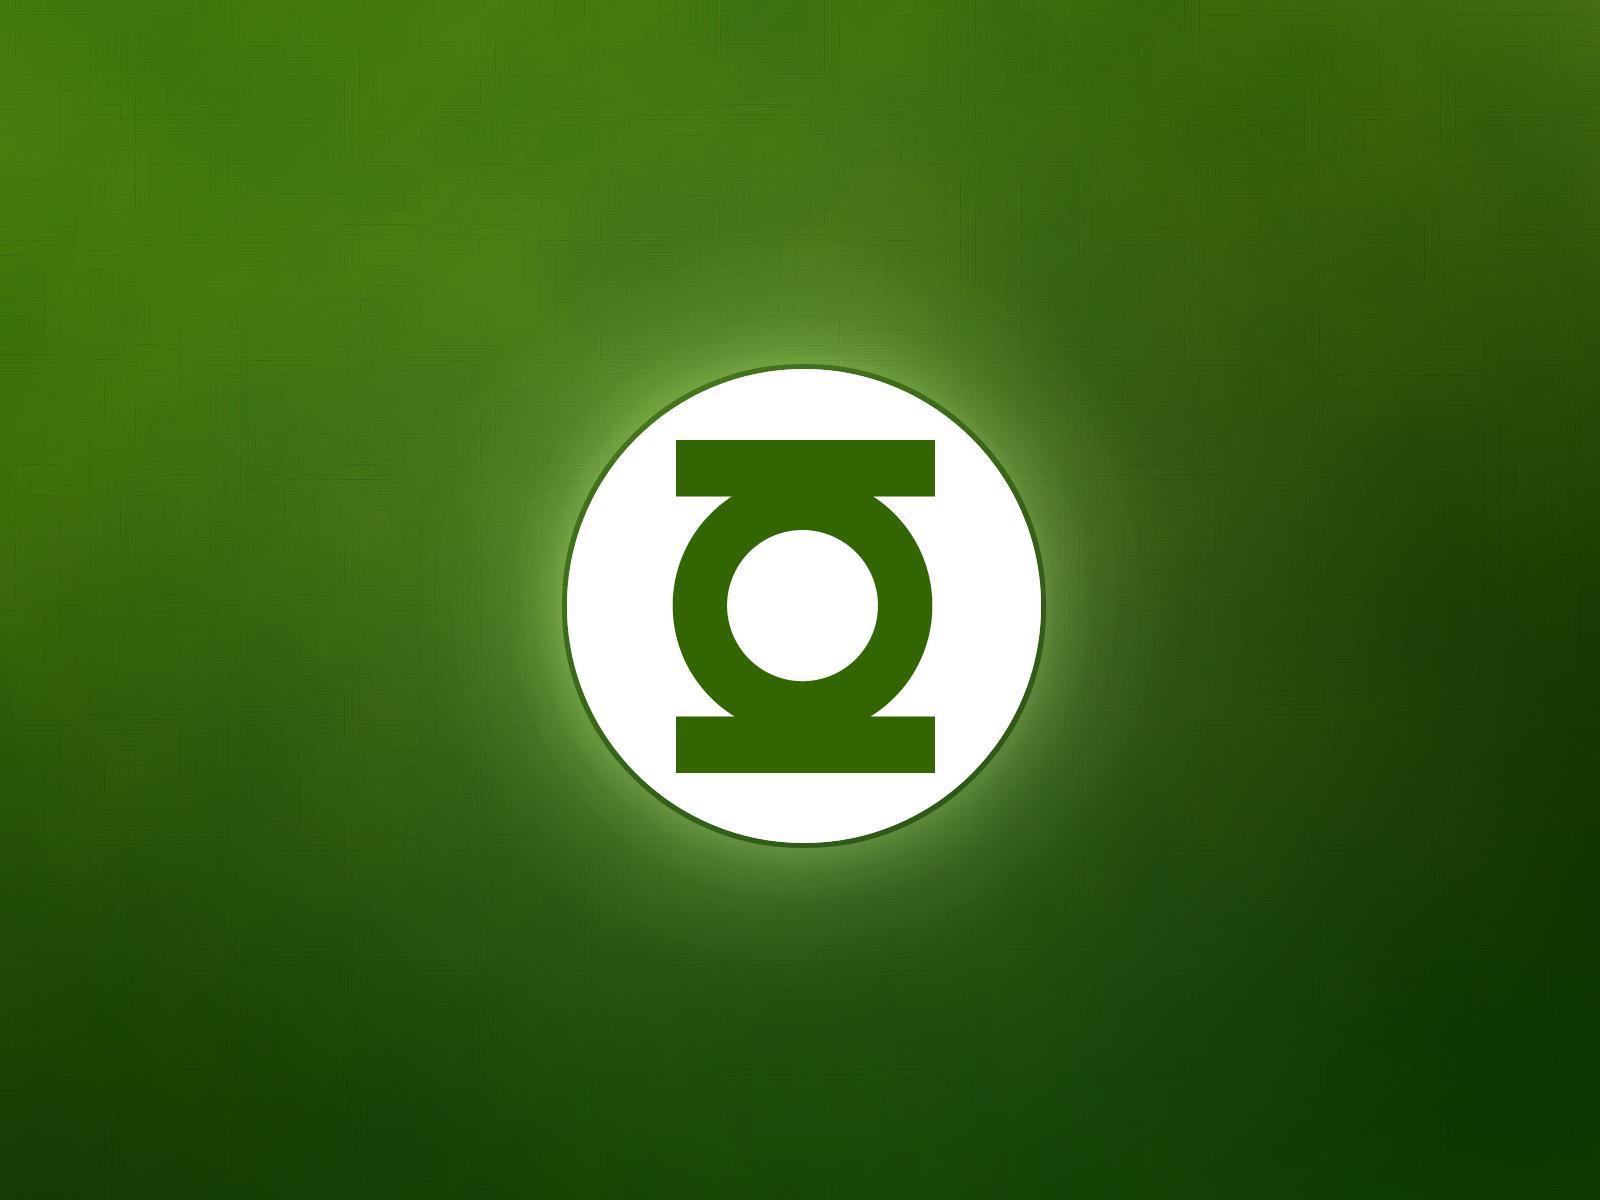 EZ PC Wallpaper Green Lantern Wallpapers 1600x1200